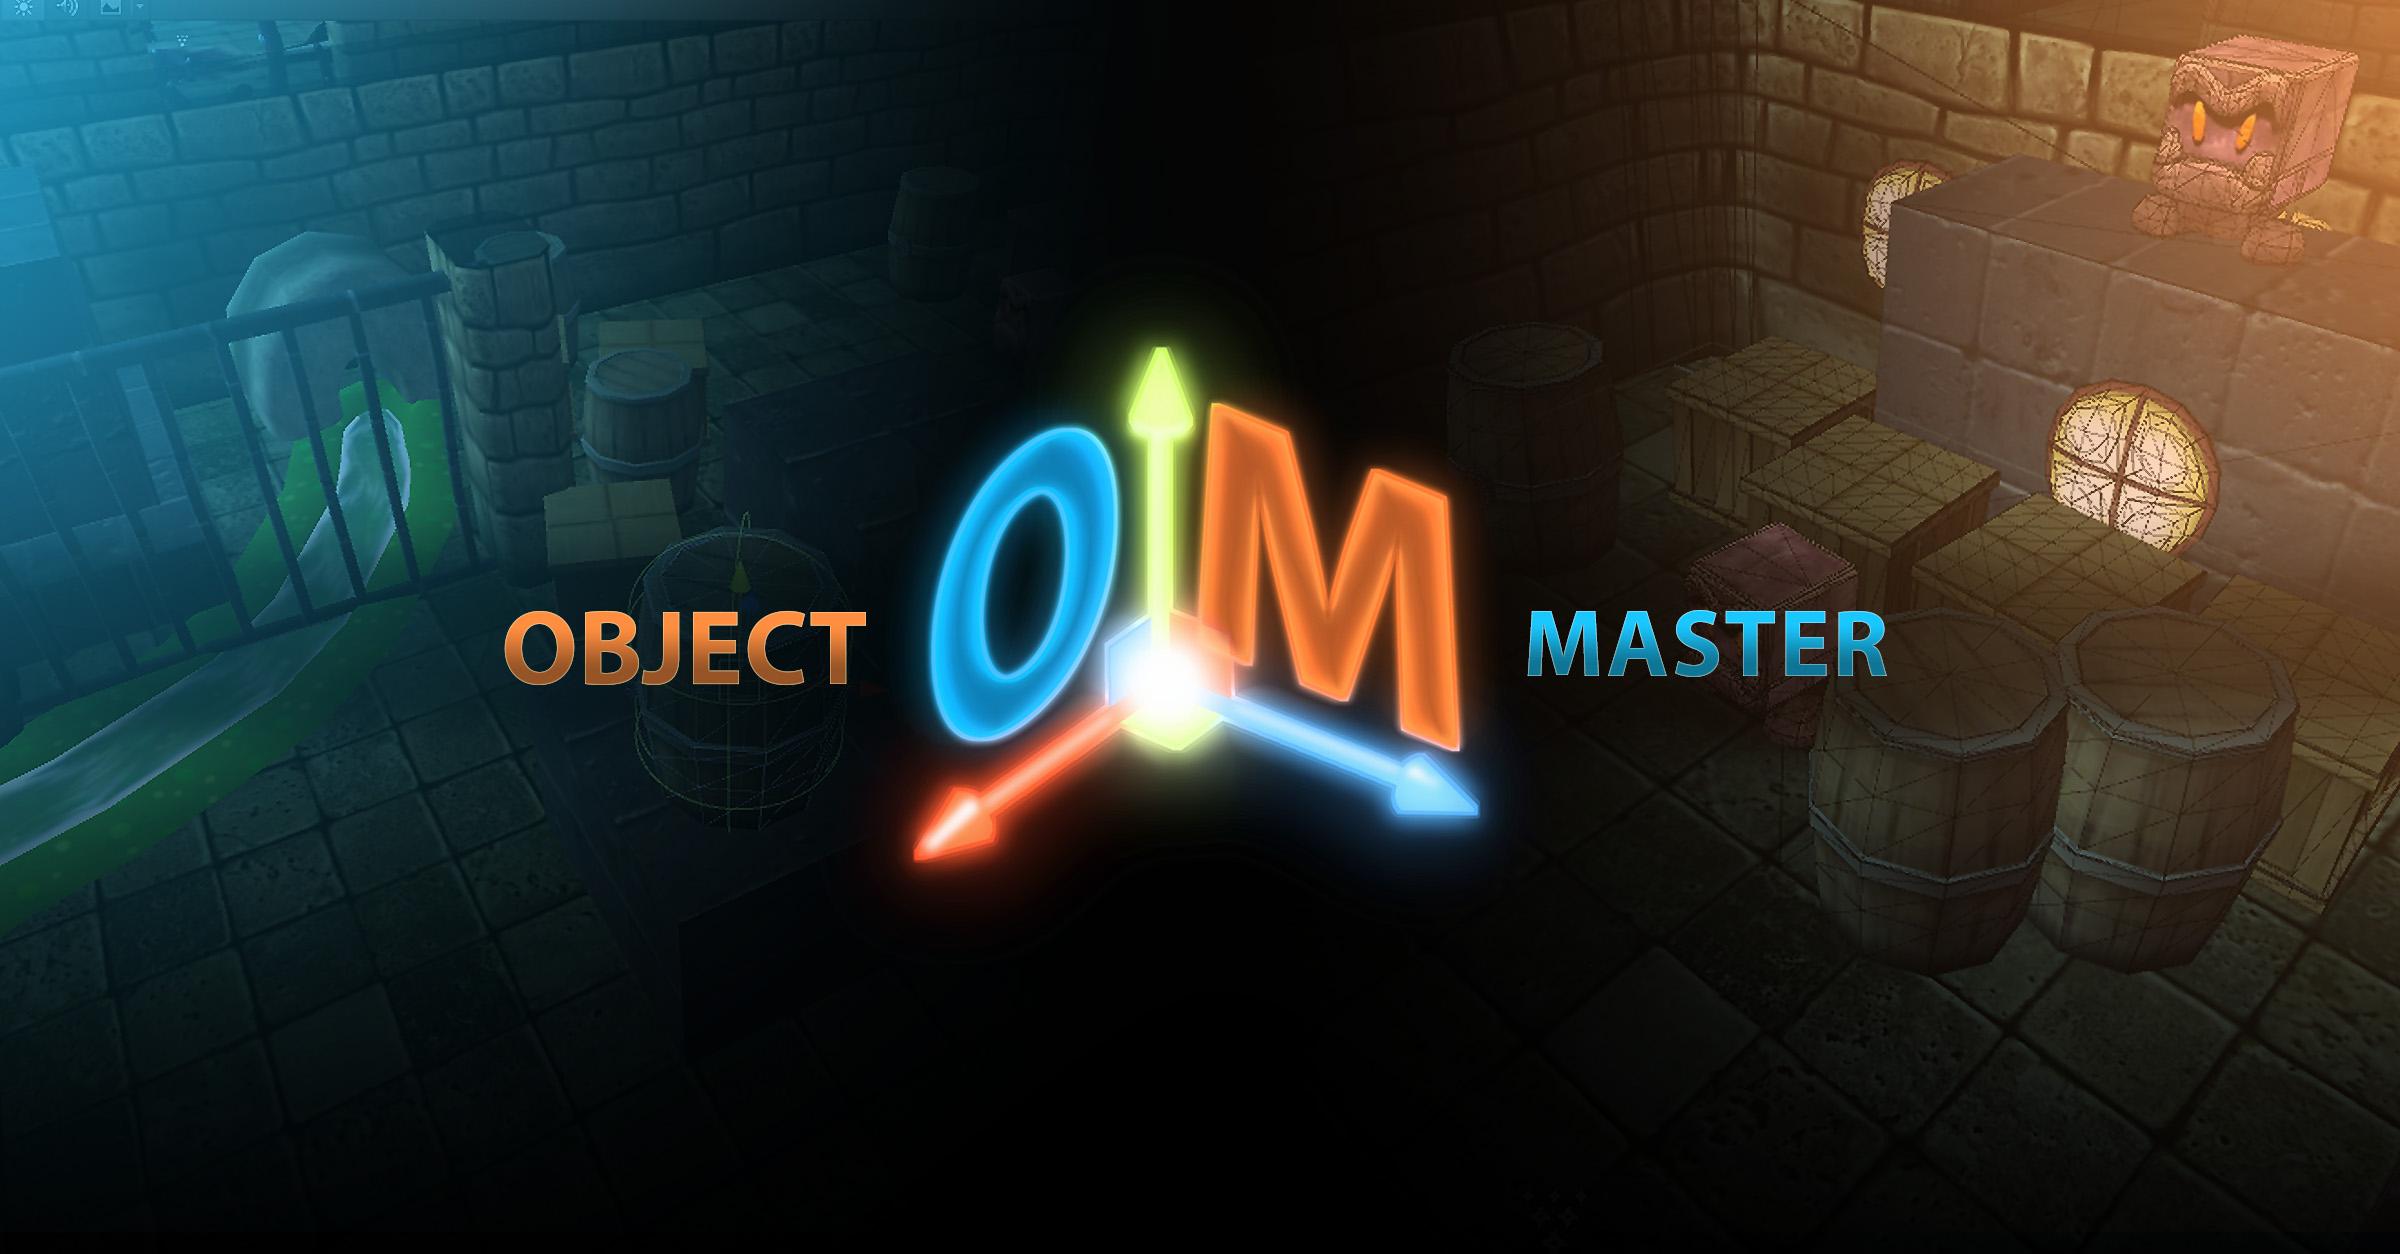 ObjectMaster